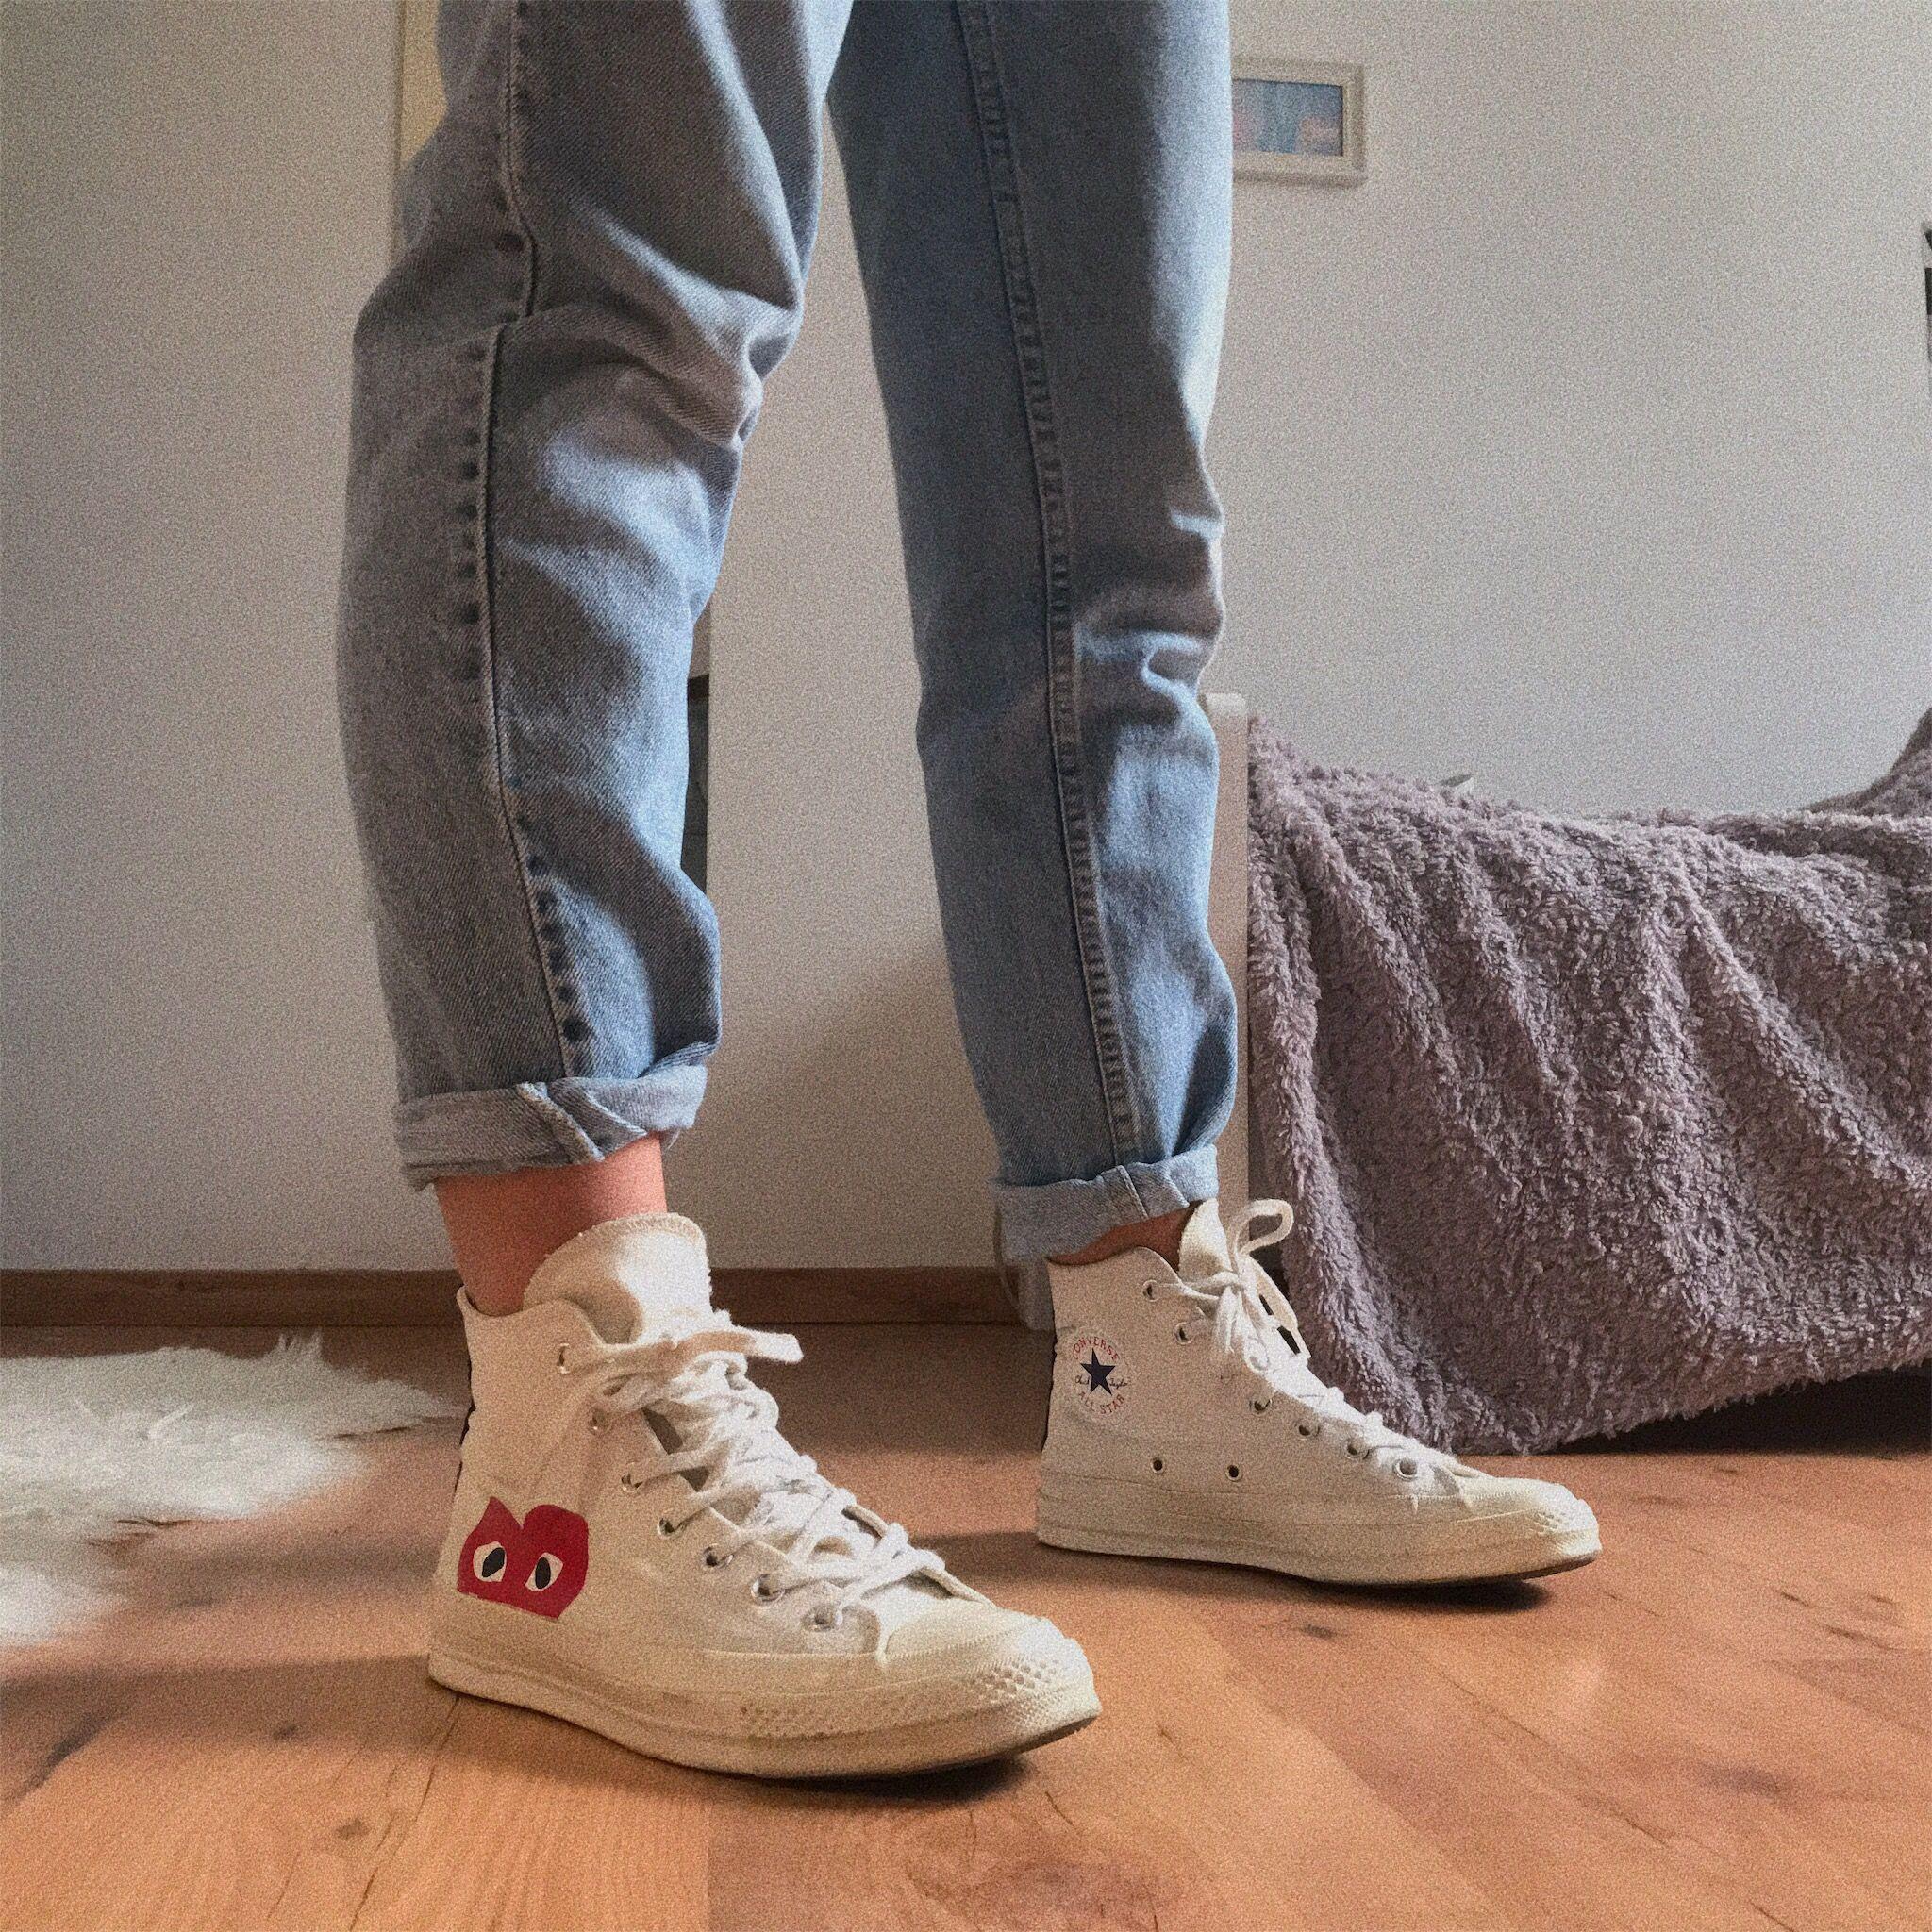 ac305133e8e0de Converse comme des garçons | Chaussure in 2019 | Converse comme des ...